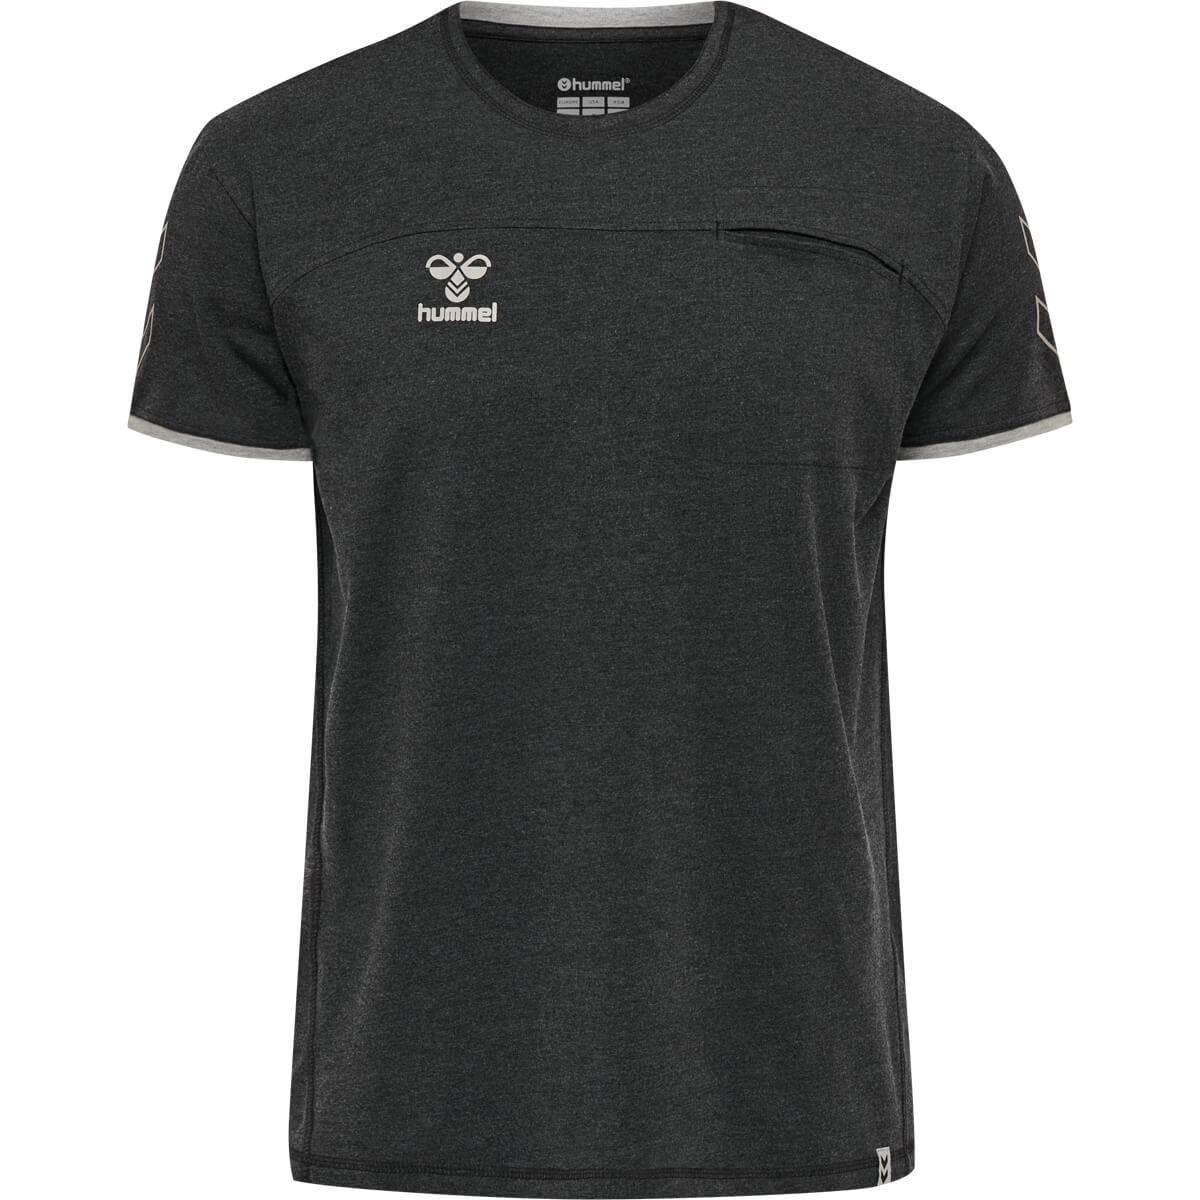 hummel Cima Trænings T-shirt Herre